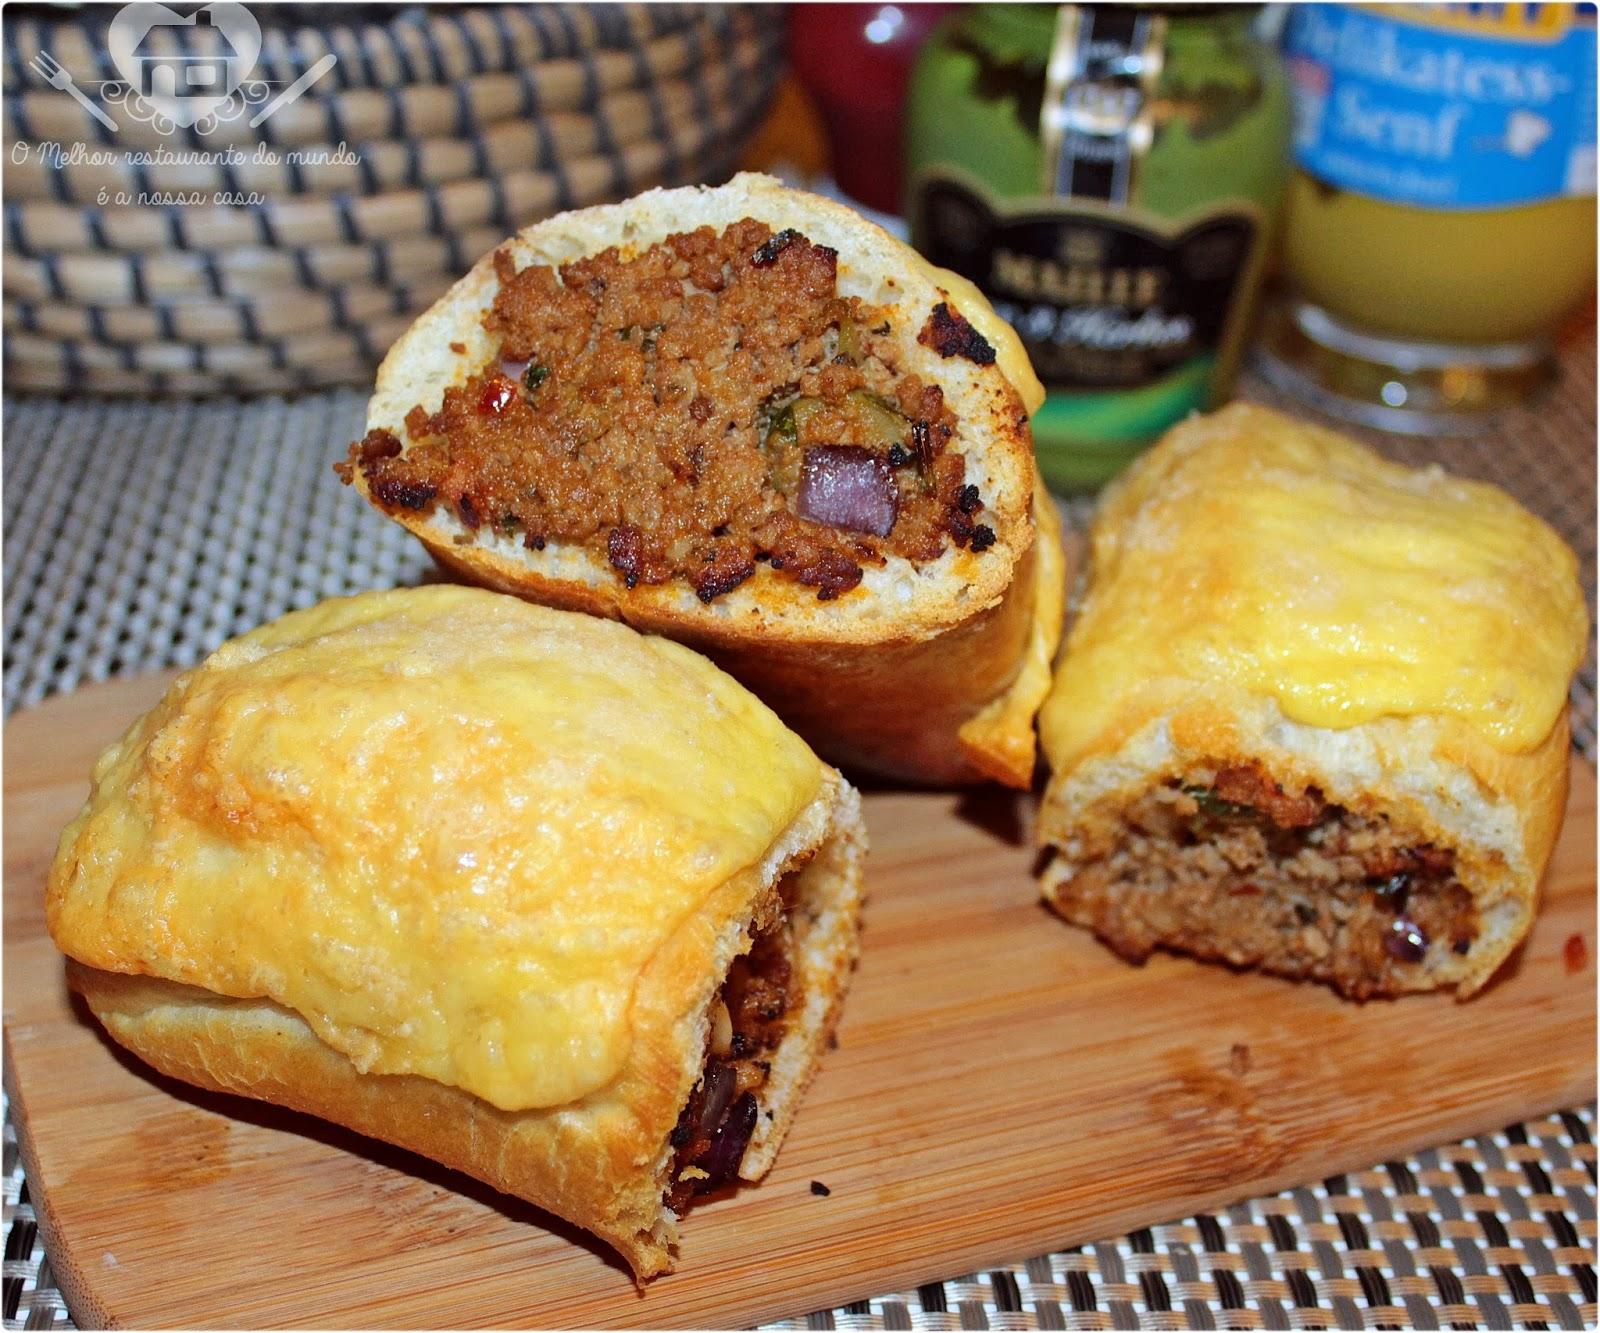 Receia fácil de buraco quente com recheio de carne moída e queijo derretido para o lanche da tarde